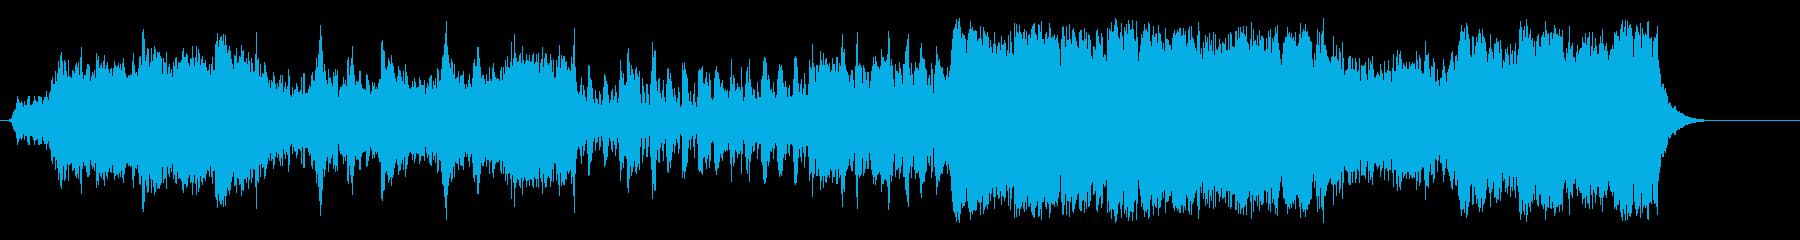 歴史的、大陸的ドキュメントタッチの再生済みの波形